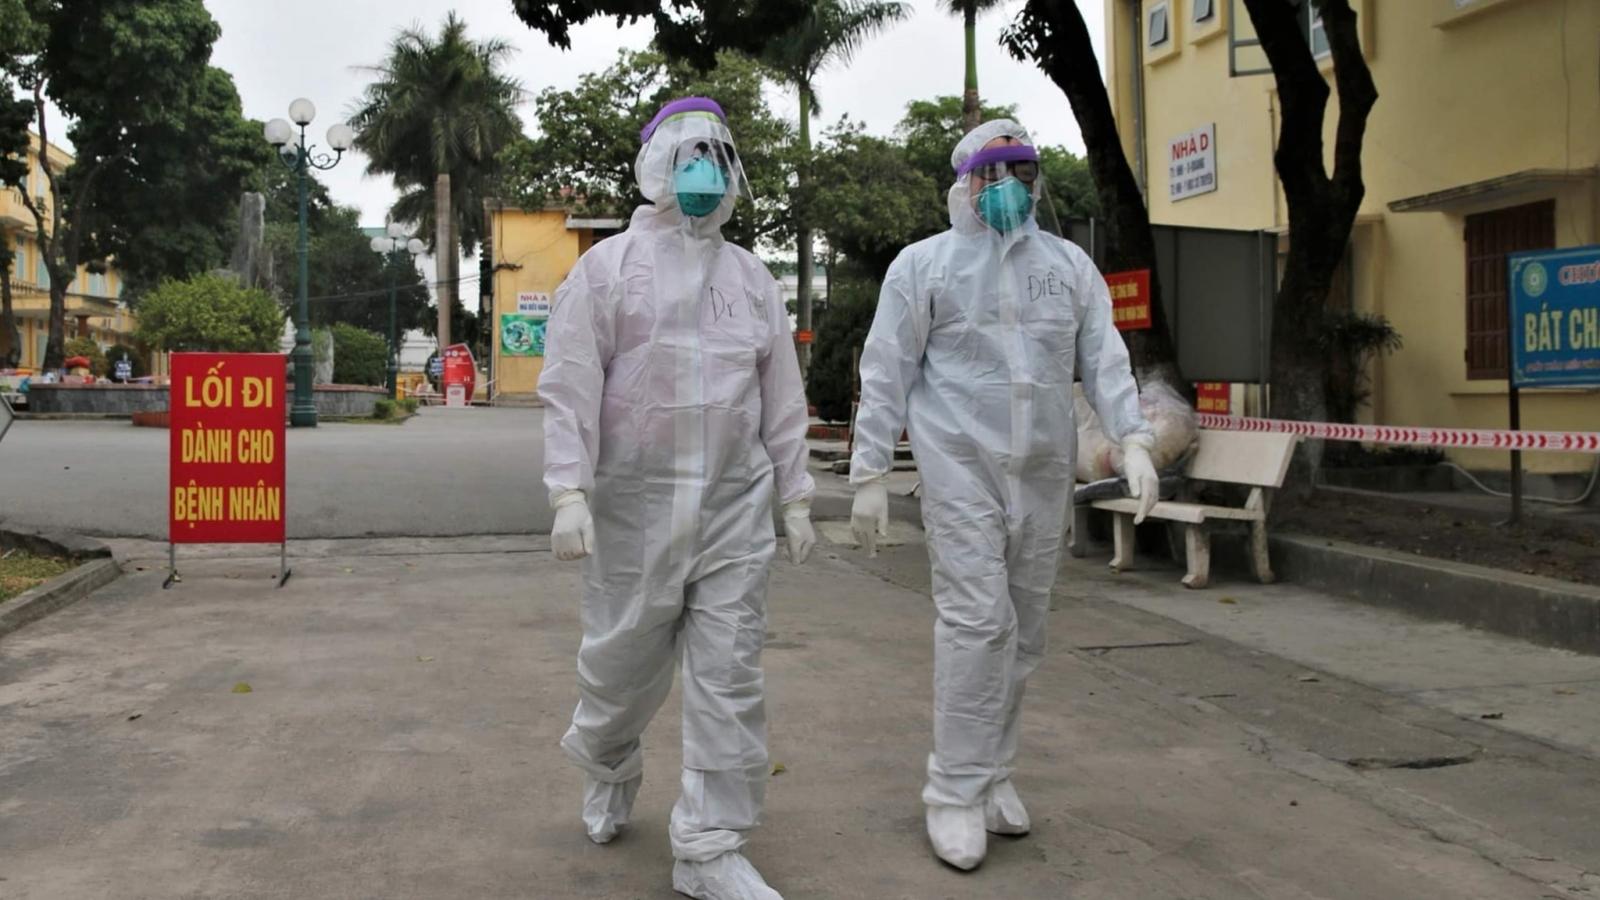 Chiều mùng 3 Tết, Việt Nam có thêm 33 ca mắc COVID-19 tại Hải Dương và Hà Nội